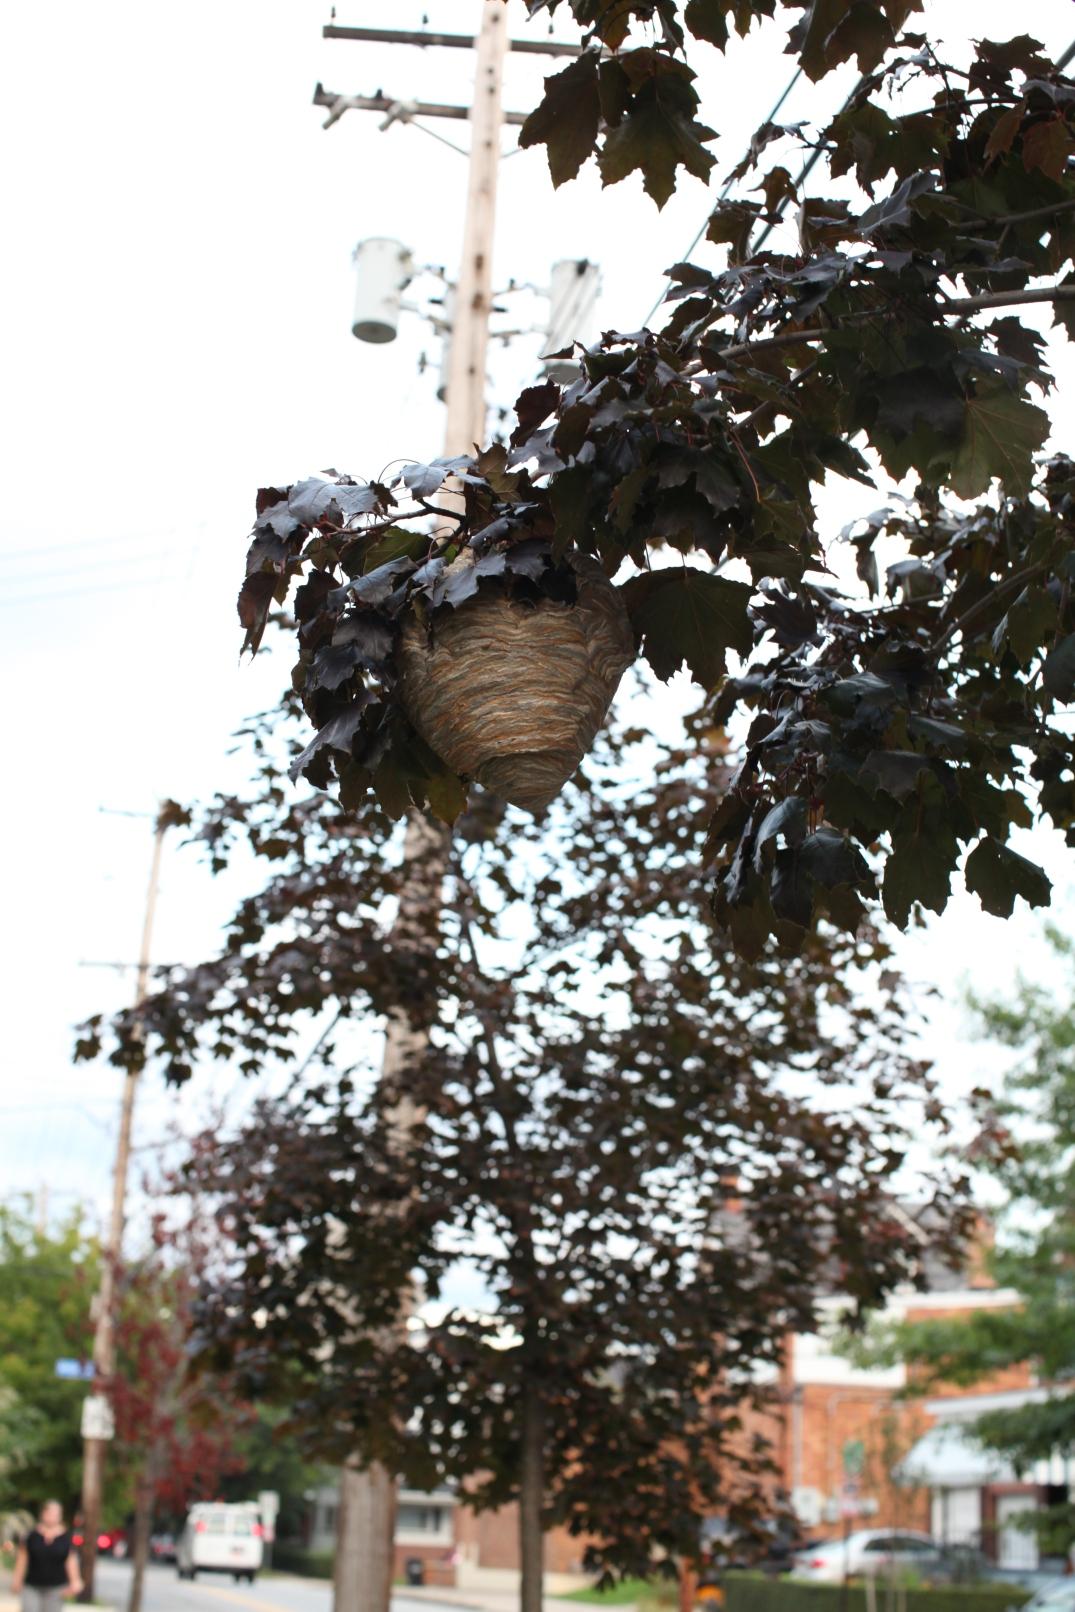 hornet nest 3